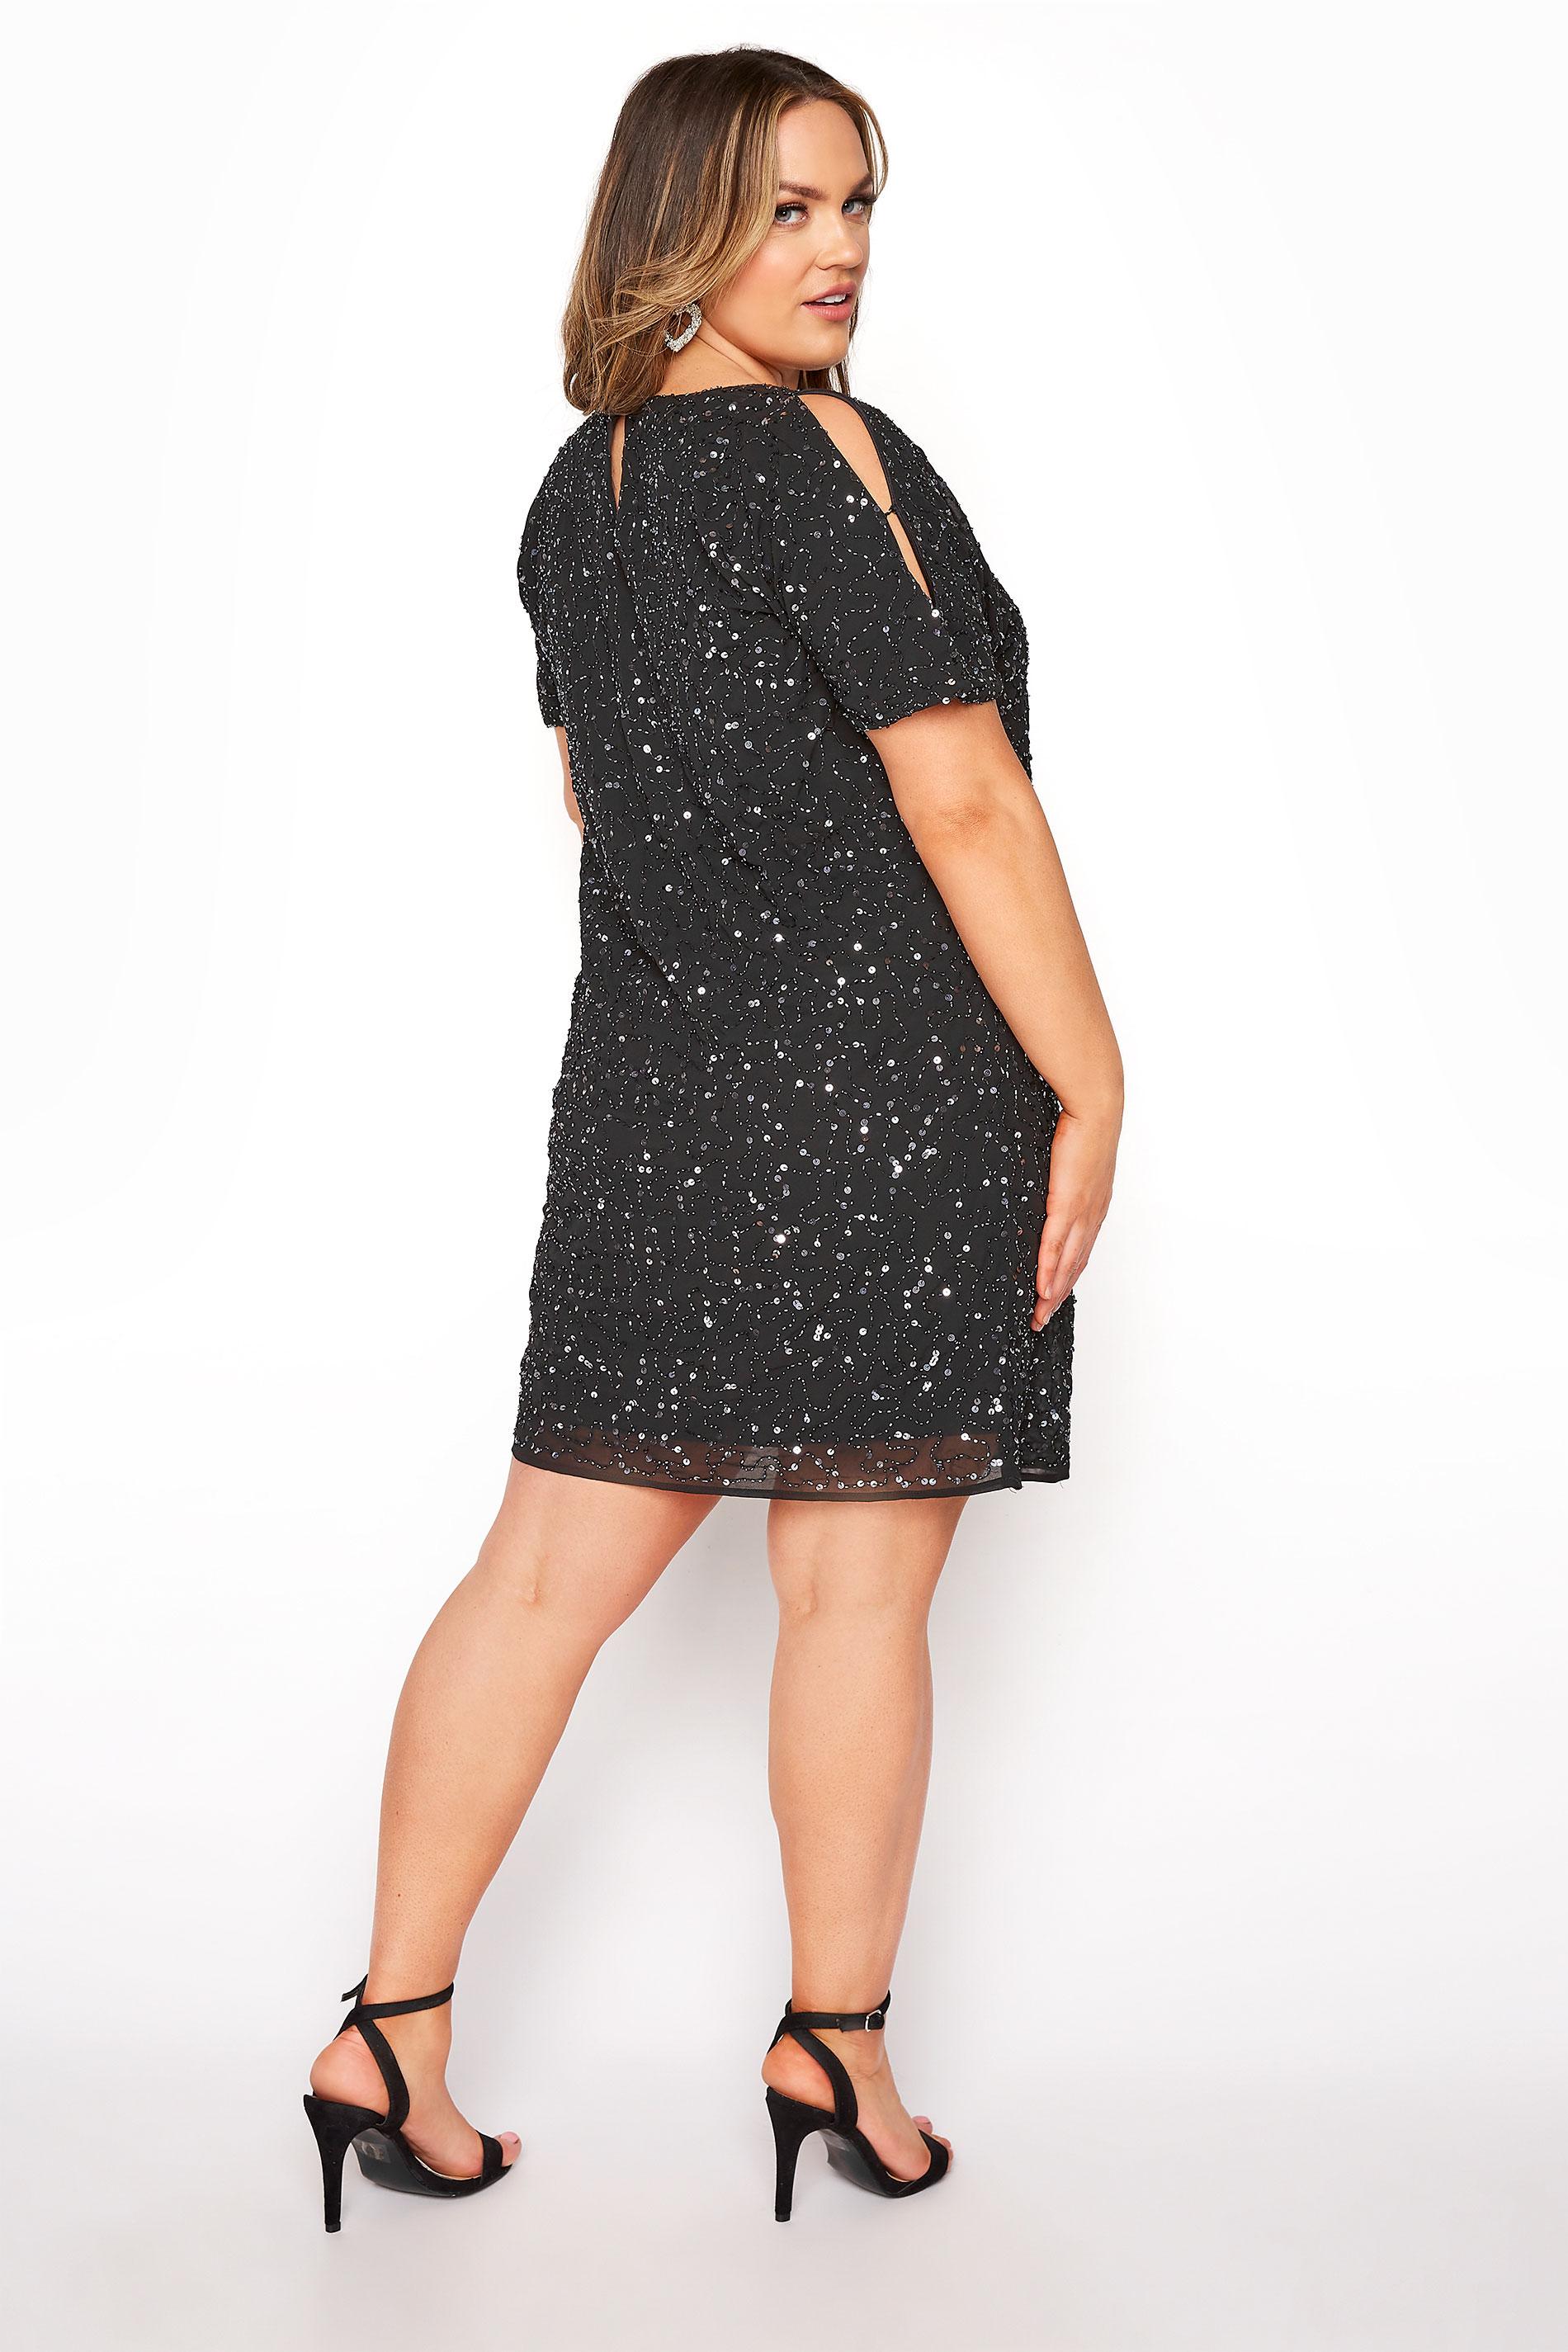 LUXE Black Sequin Cold Shoulder Cape Dress, plus size 16